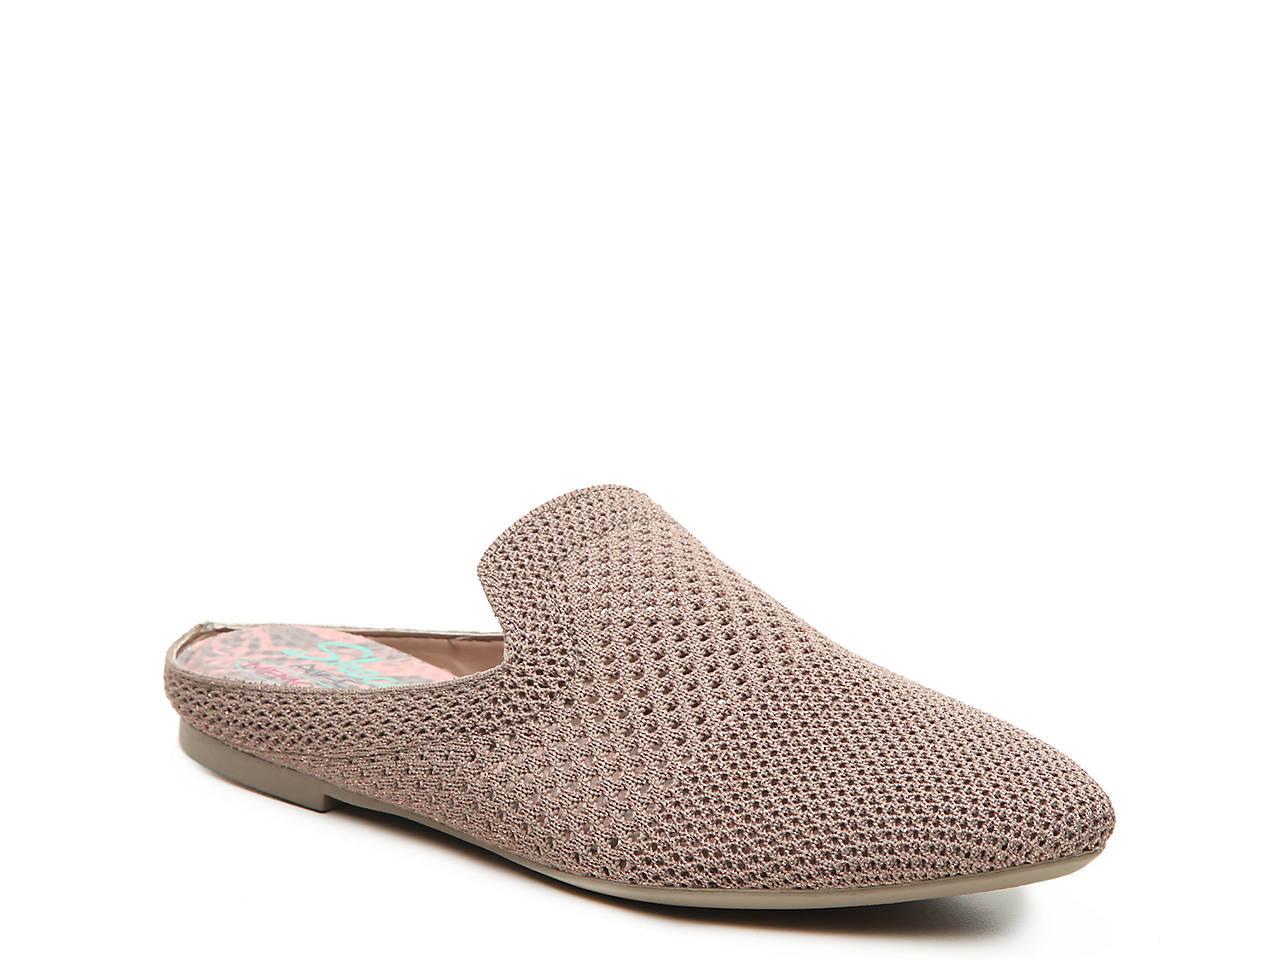 2744a809f522 Skechers Knit Mule Women s Shoes